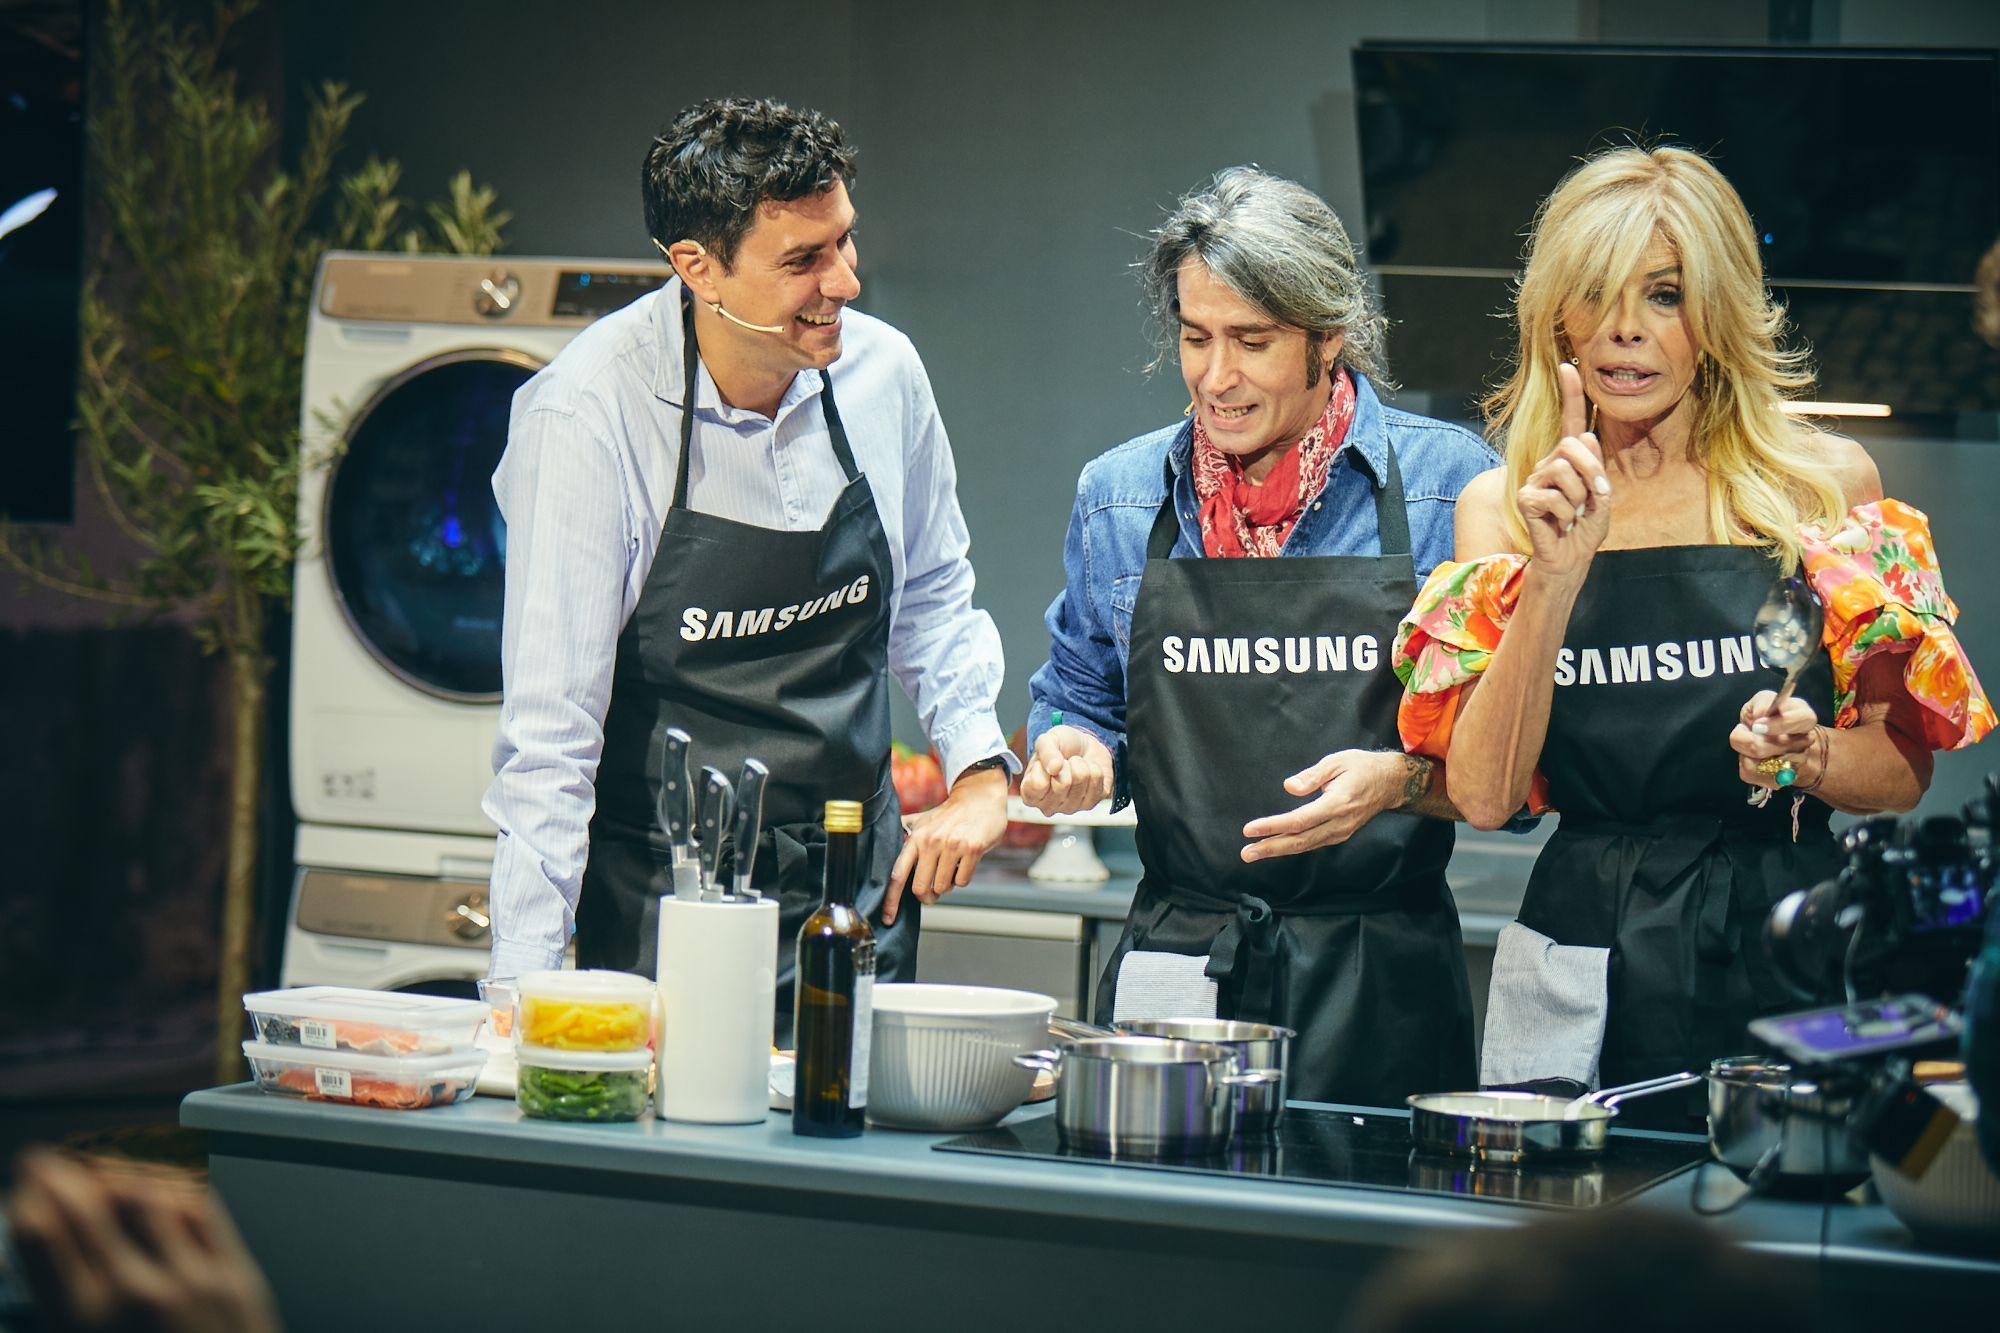 Samsung redujo ventas y beneficios en España durante 2018 por la fuerte competencia